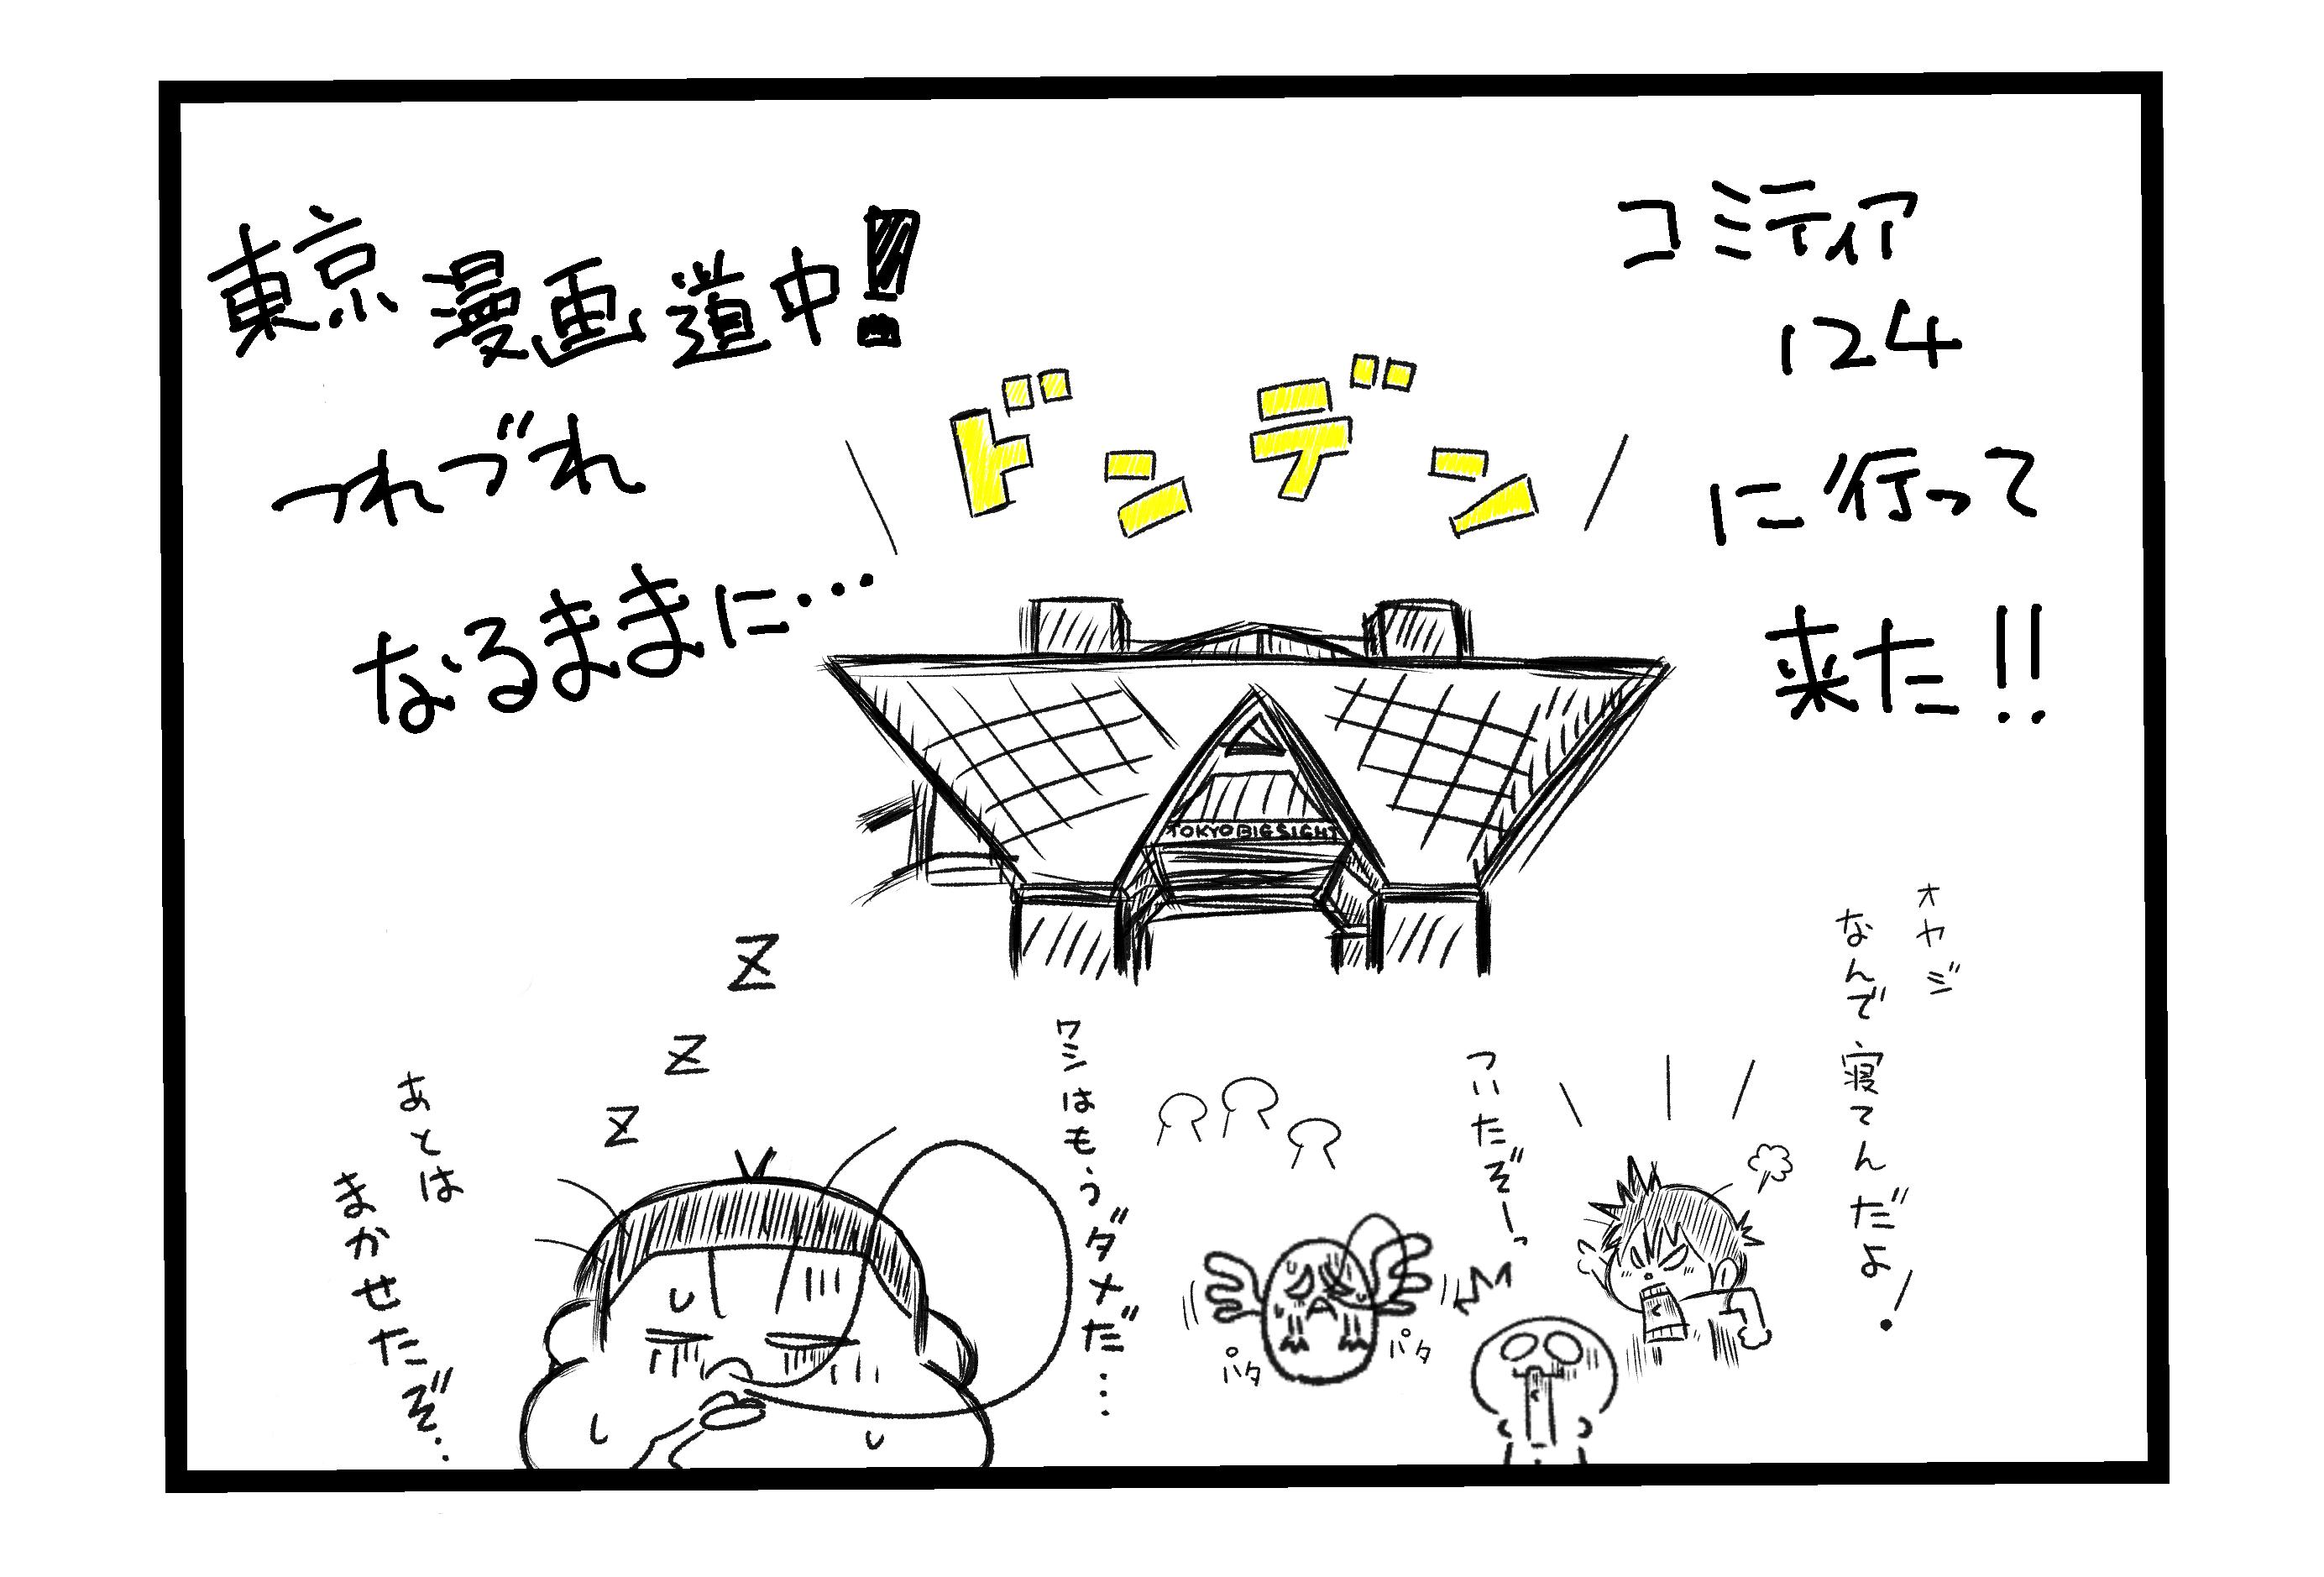 東京ビックサイト/コミティア124一般参加の感想